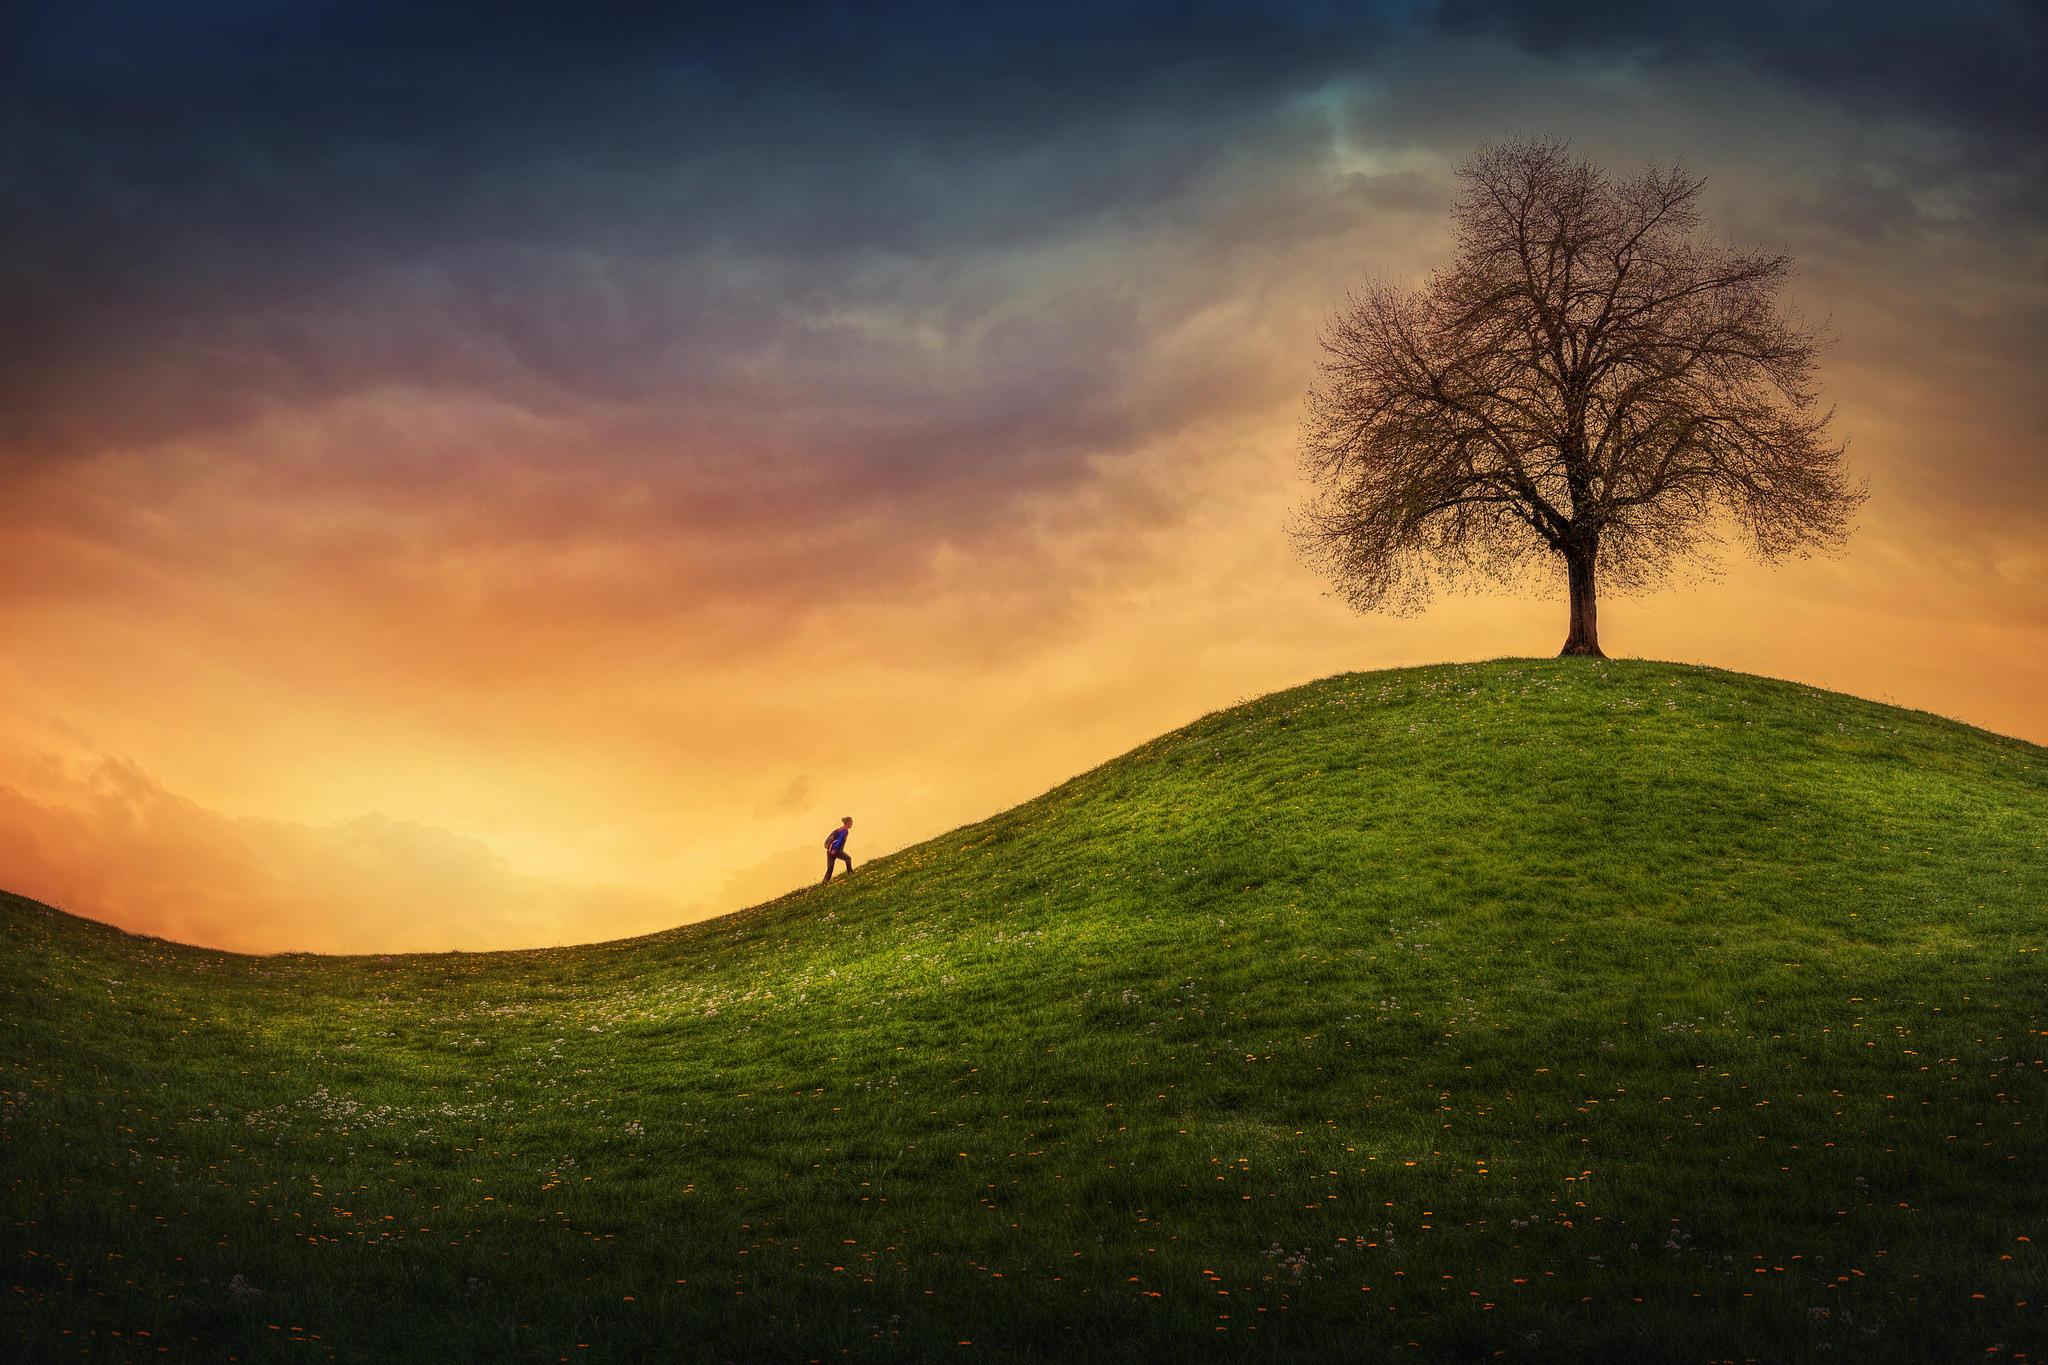 обои закат, поле, холмы, дерево картинки фото